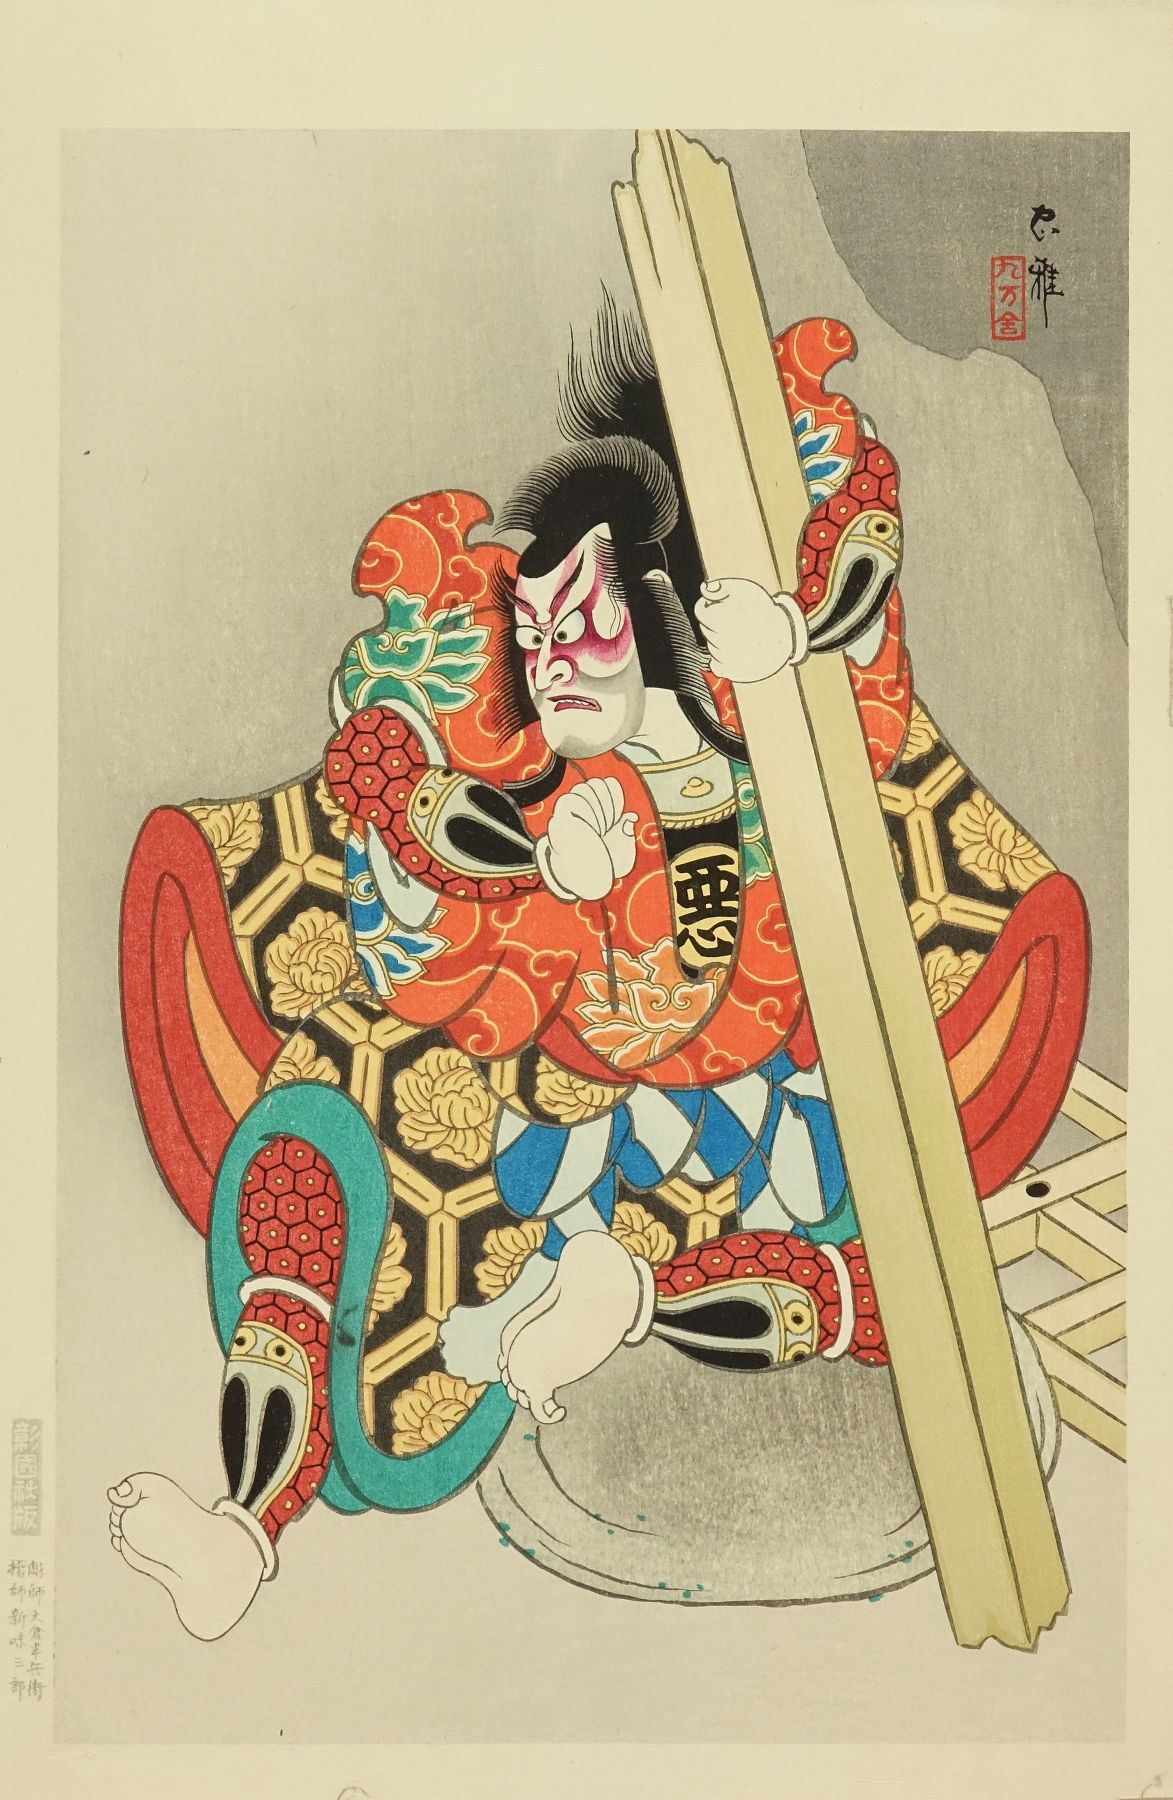 鳥居忠雅 歌舞伎十八番 景清